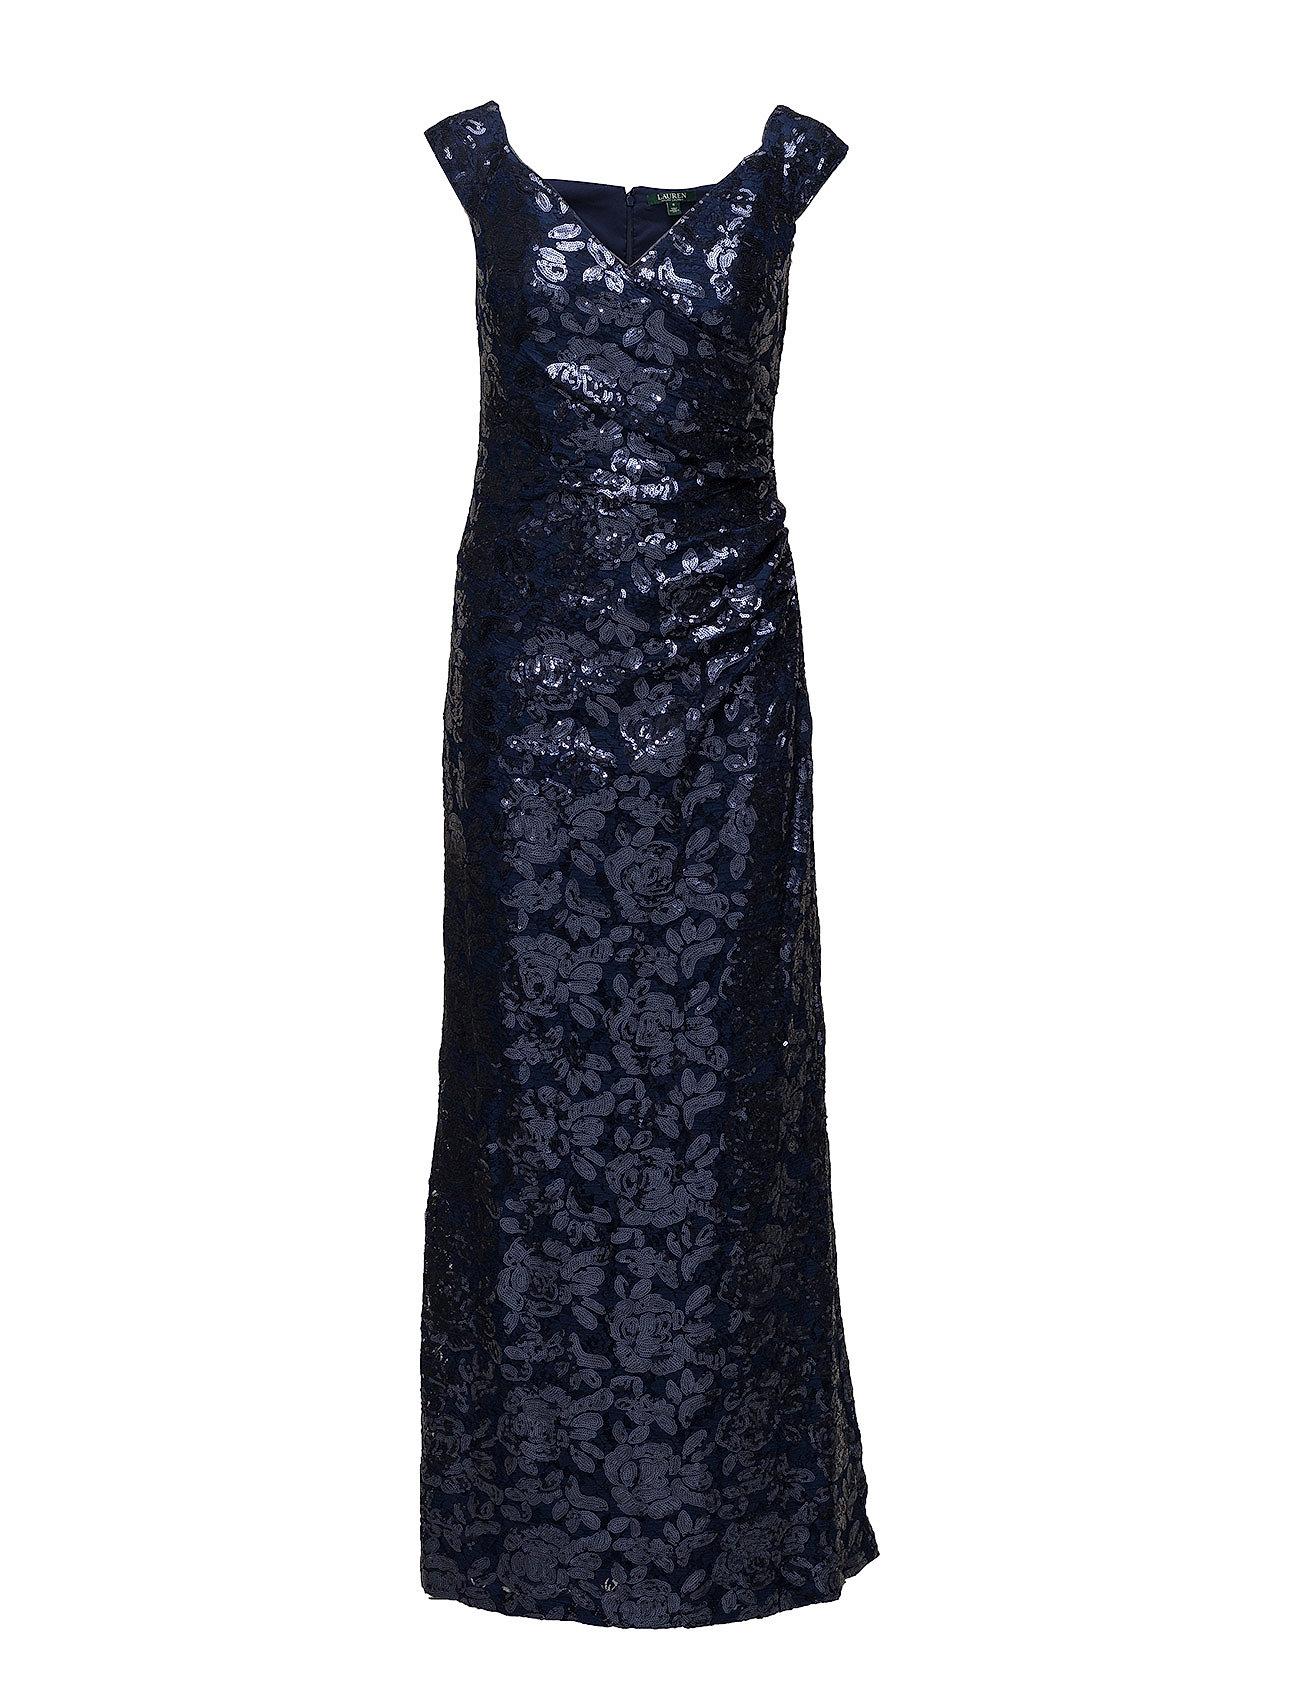 Sequined Off-the-shoulder Gown (Indigo/indigo Shi) (£165) - Lauren ...